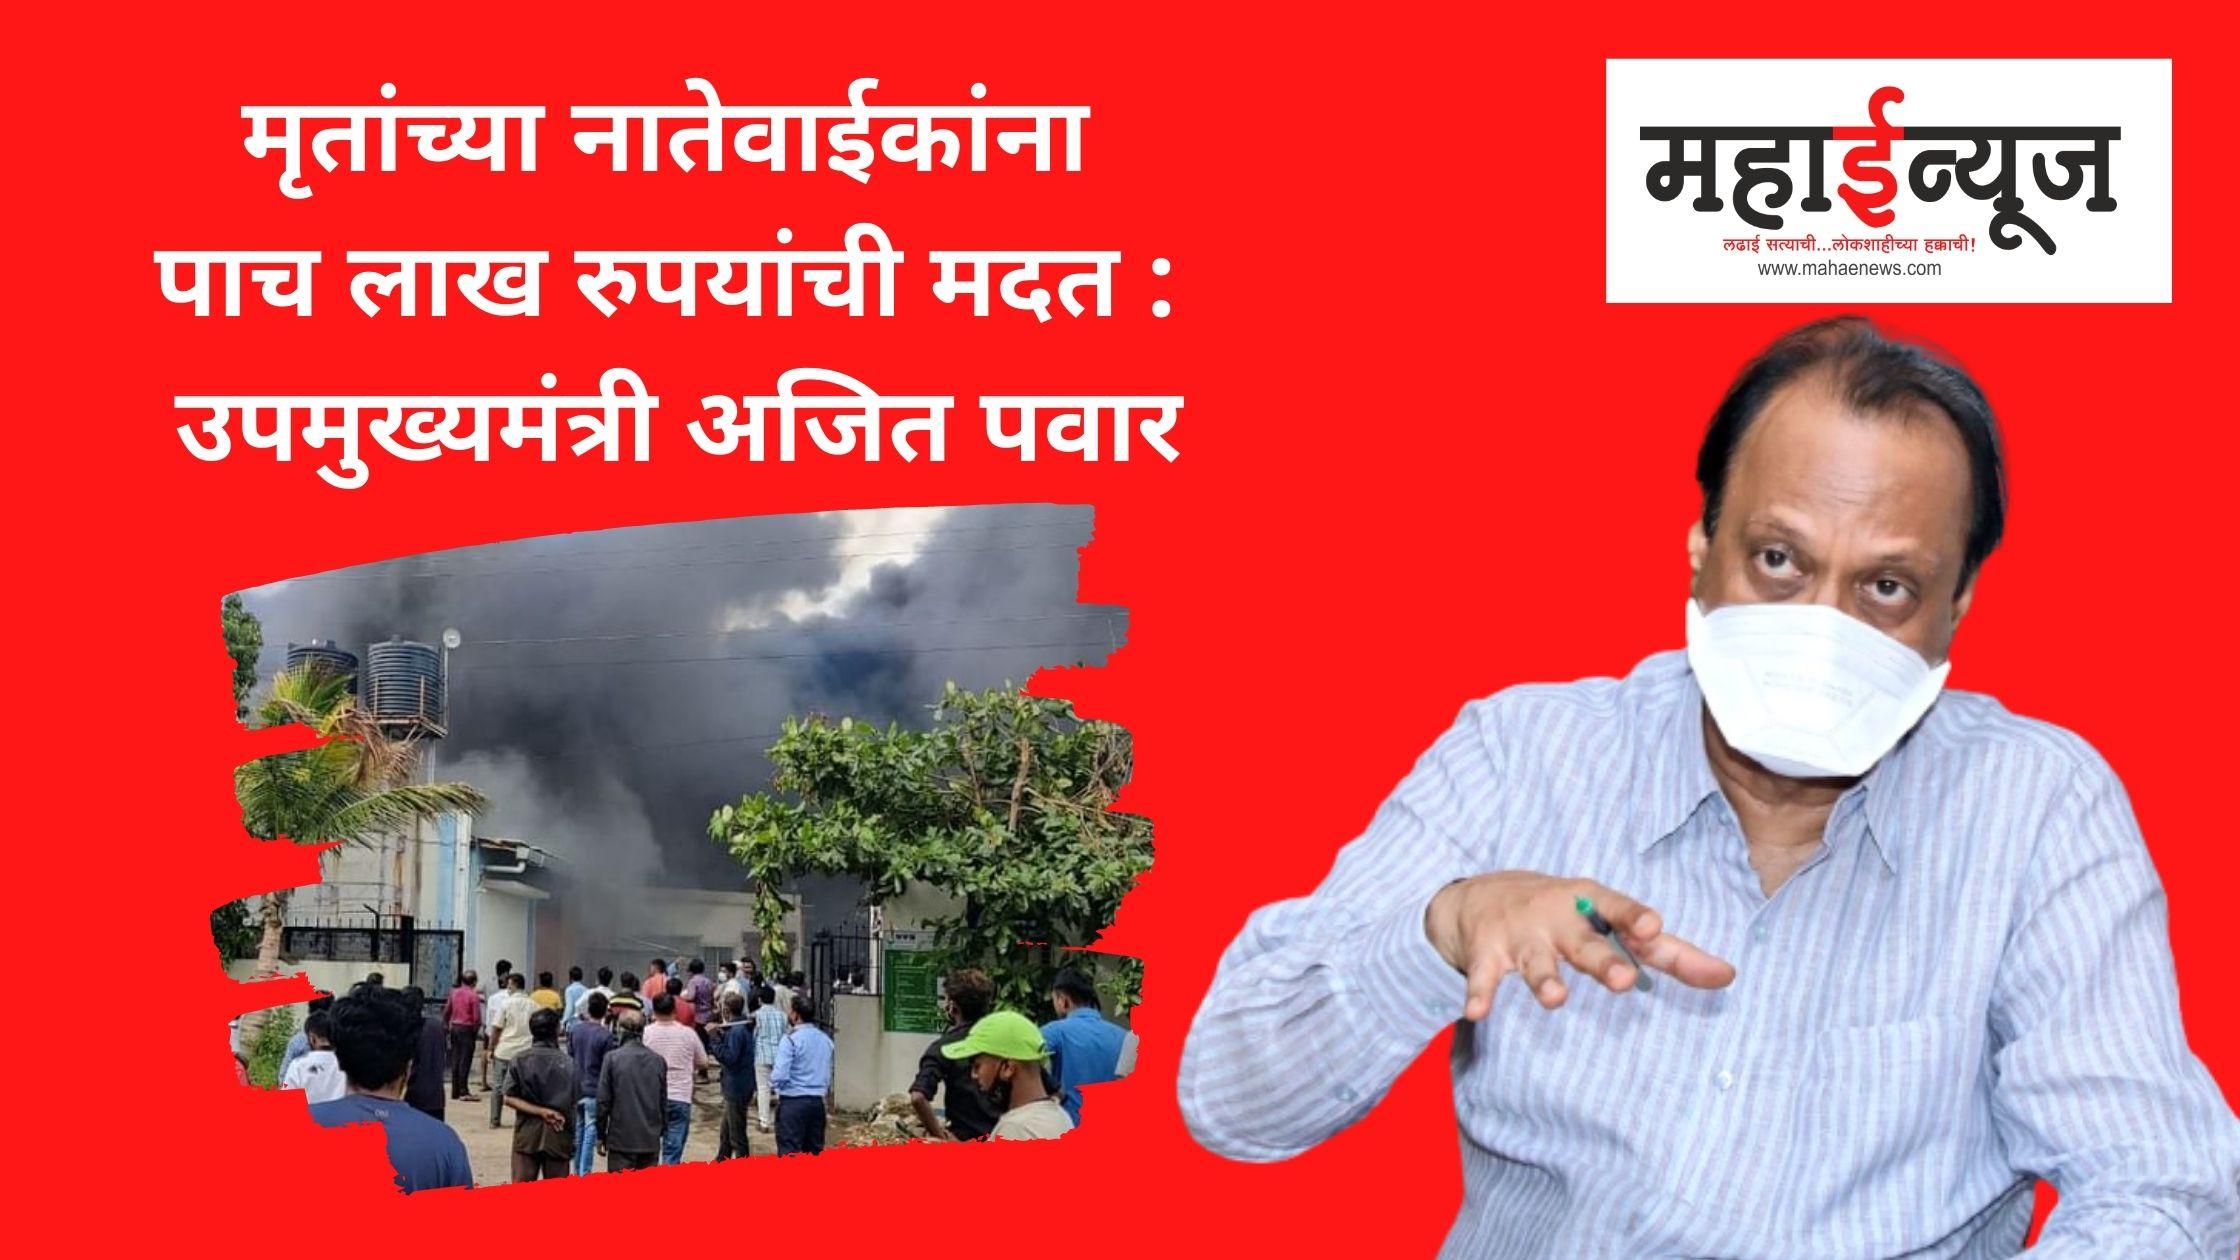 उरवडे दुर्घटनेतील मृतांच्या नातेवाईकांना पाच लाख रुपयांची मदत : उपमुख्यमंत्री अजित पवार